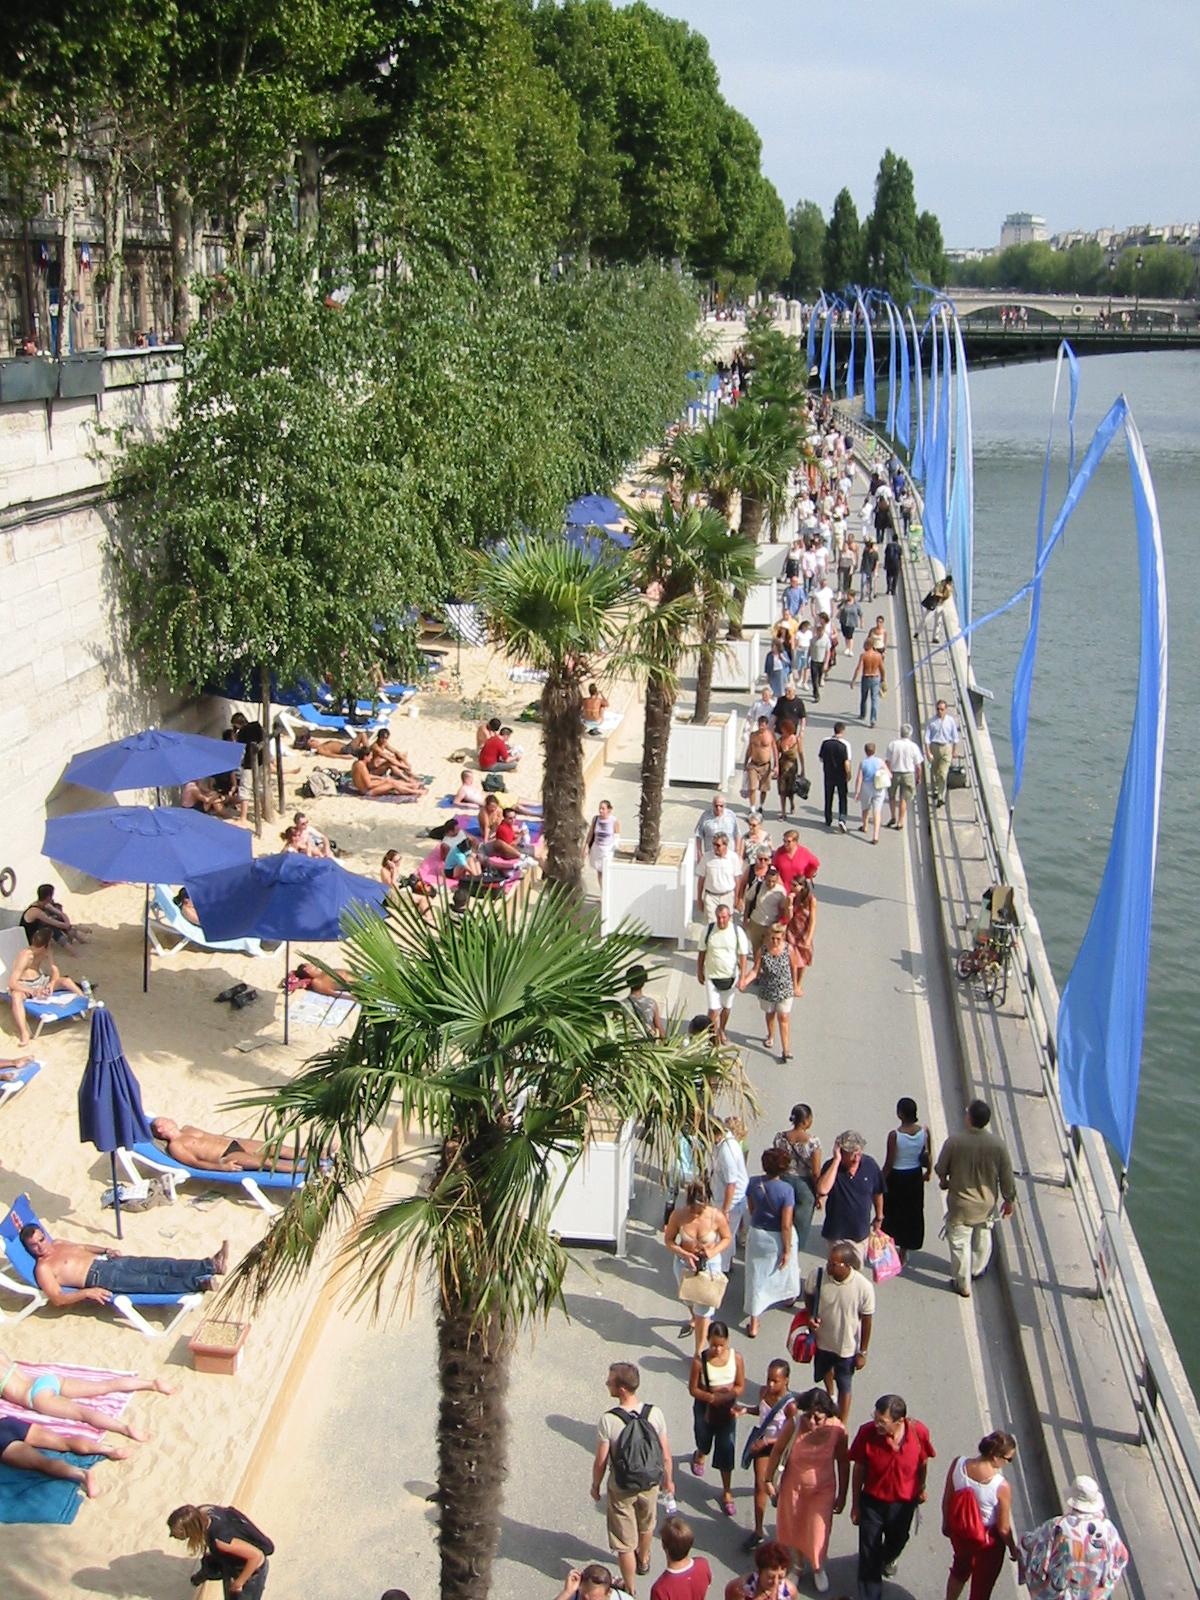 Paris plage 2003 france urbanplanet info - Piscine plage paris asnieres sur seine ...